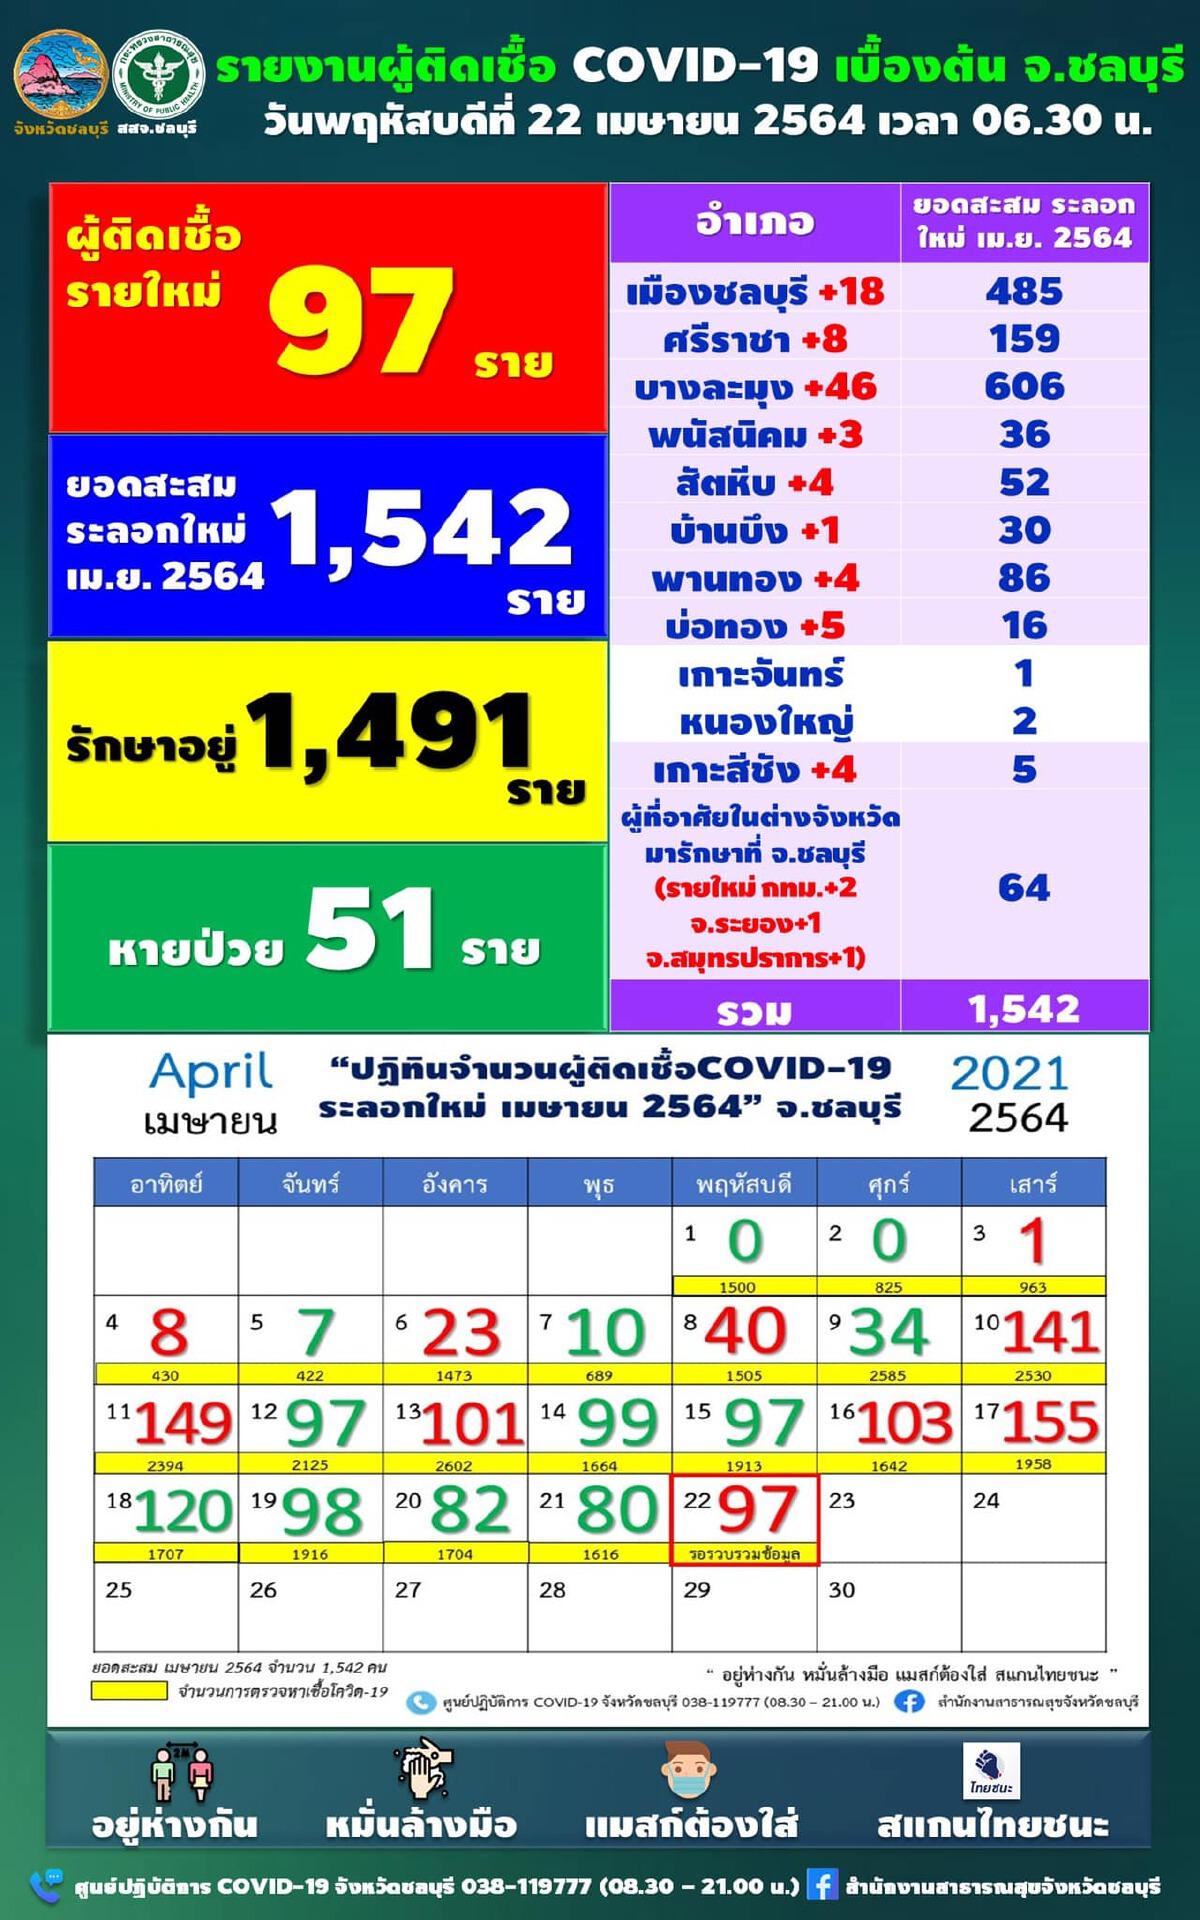 ชลบุรีป่วยโควิดรายใหม่เพิ่ม 97 ราย โยงคลัสเตอร์สถานบันเทิง